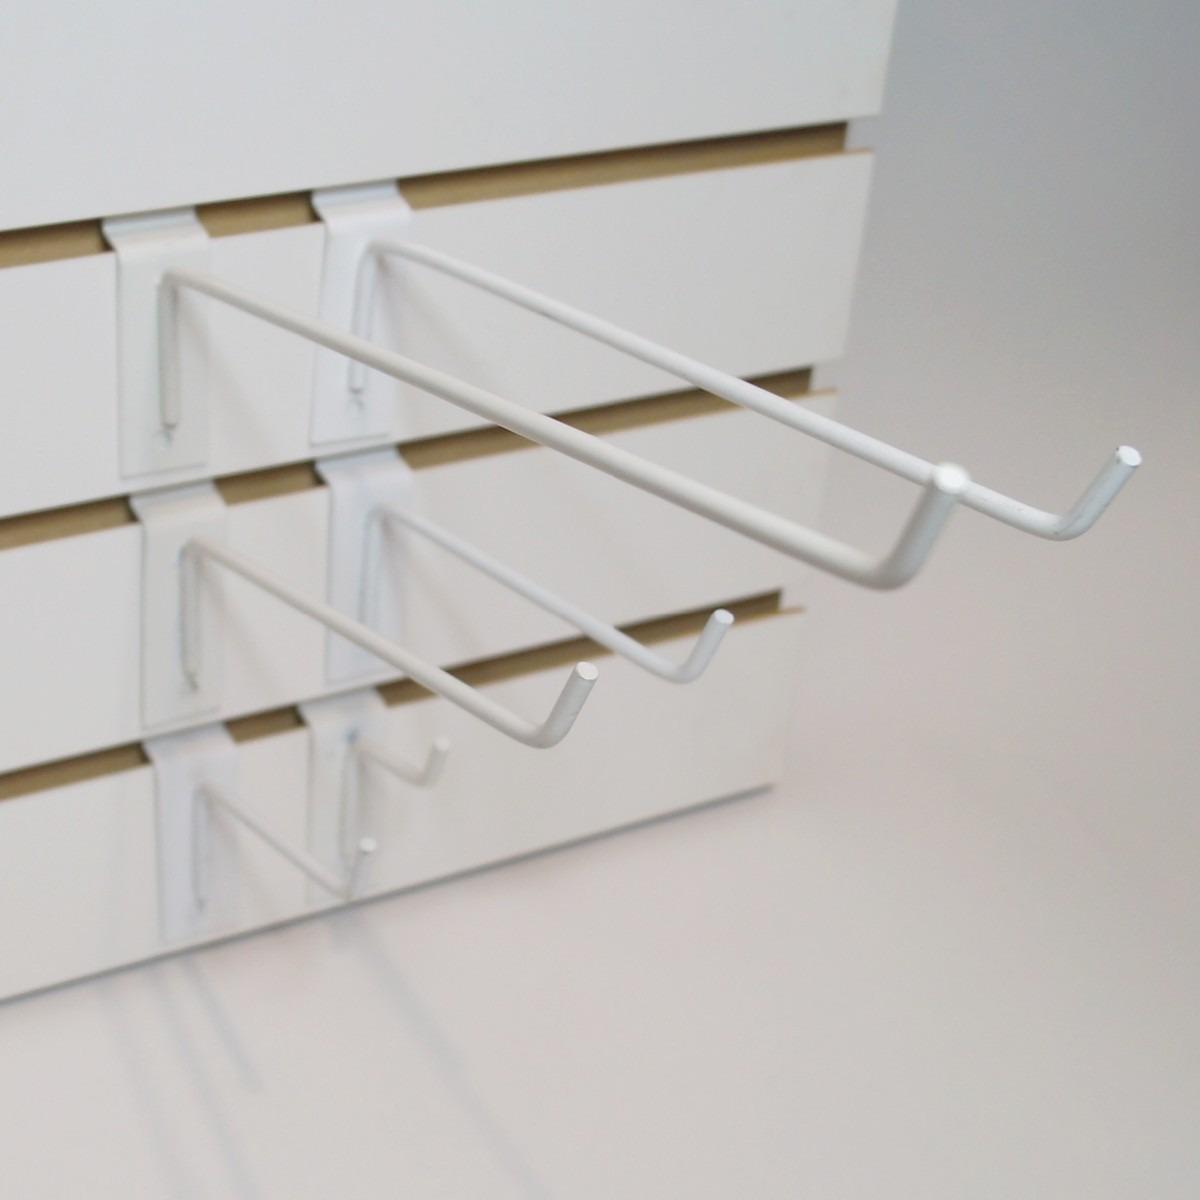 Ganchos blister para el exhibipanel en paquete de 10 for Ganchos para cortinas de riel